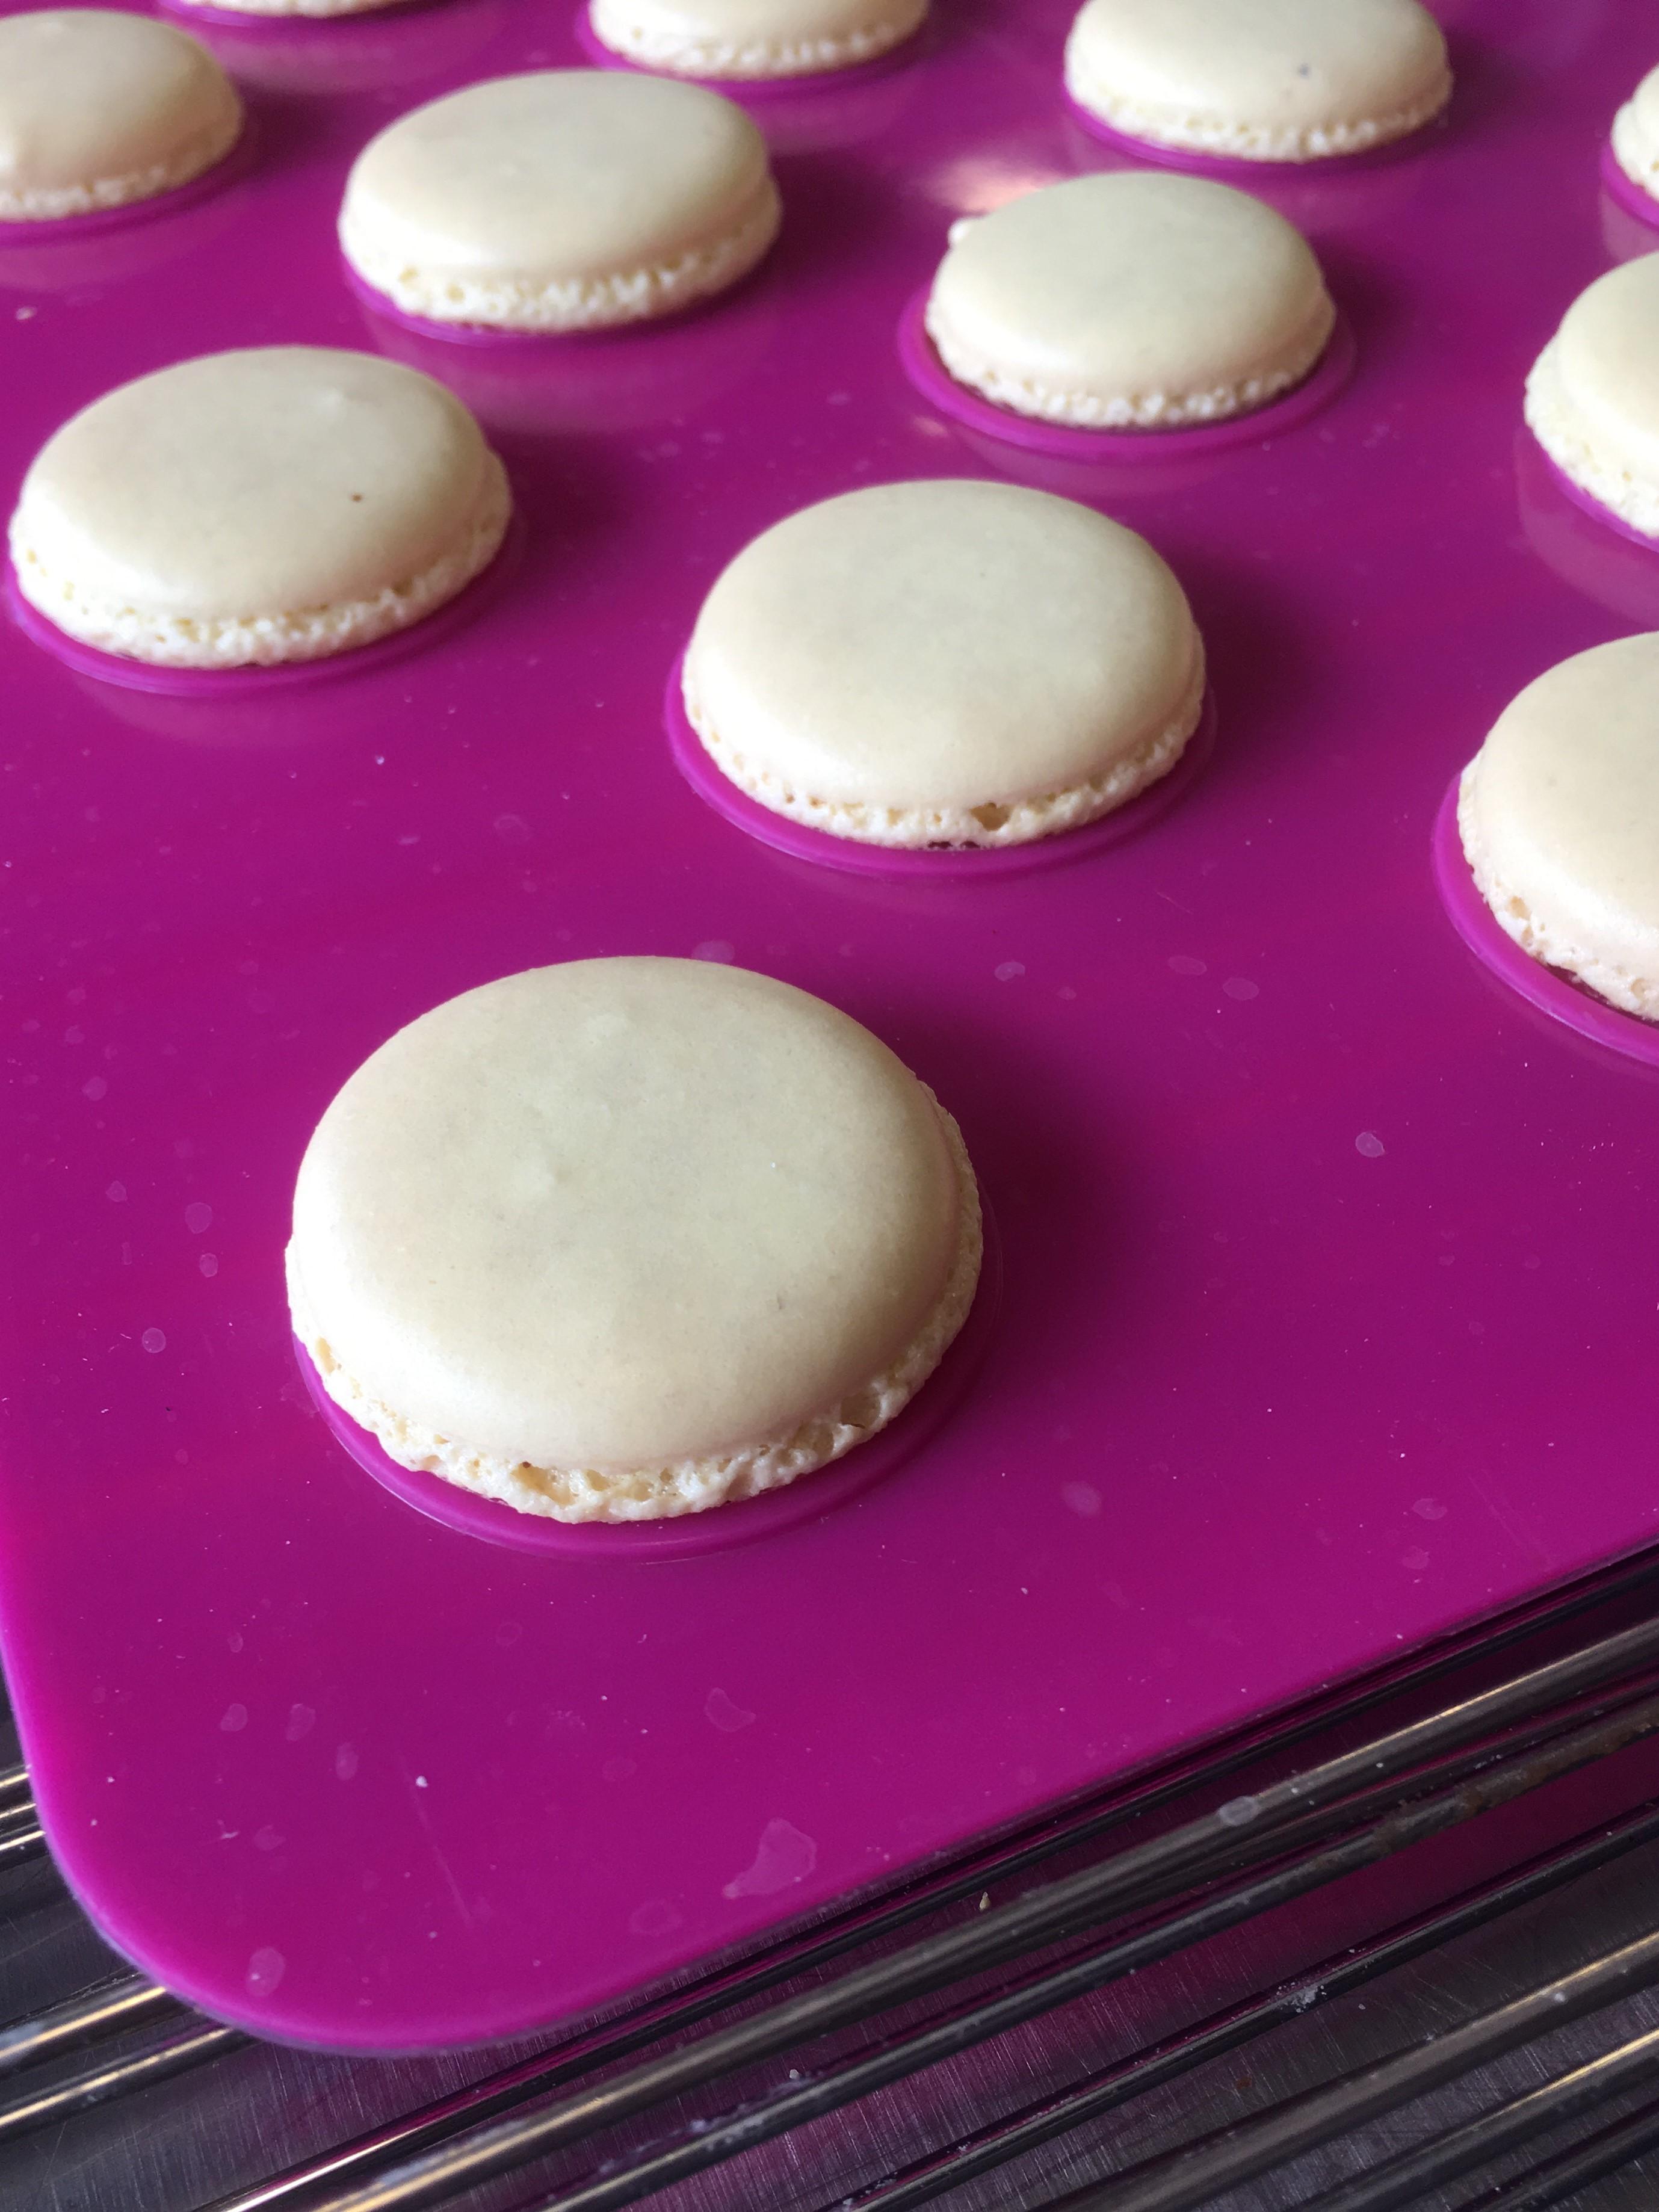 Atelier macarons blog z dio - Zodio chambourcy atelier cuisine ...